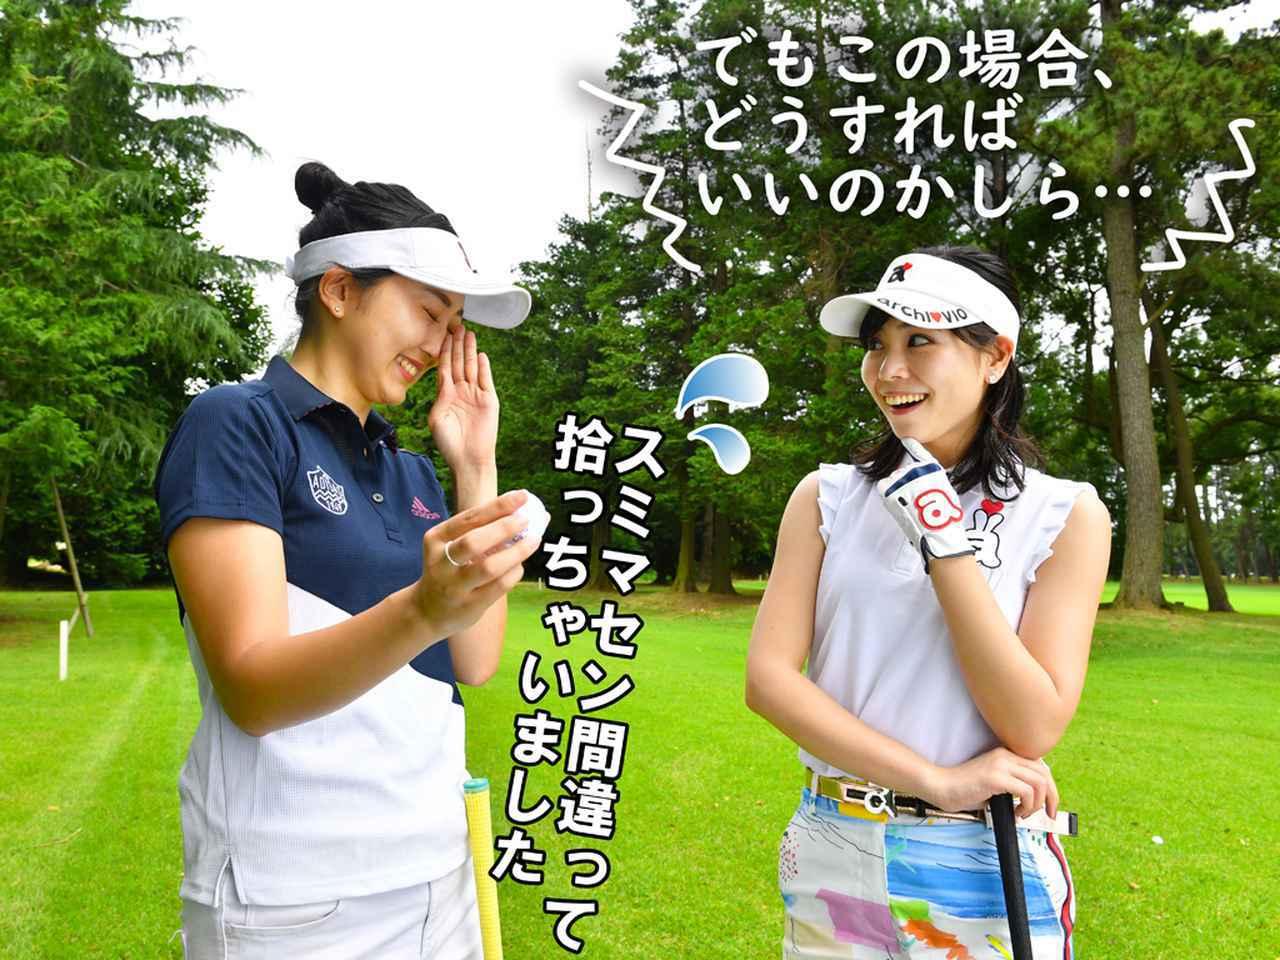 画像4: 【新ルール】同伴者の球を誤って拾い上げた。こんなときどうする?